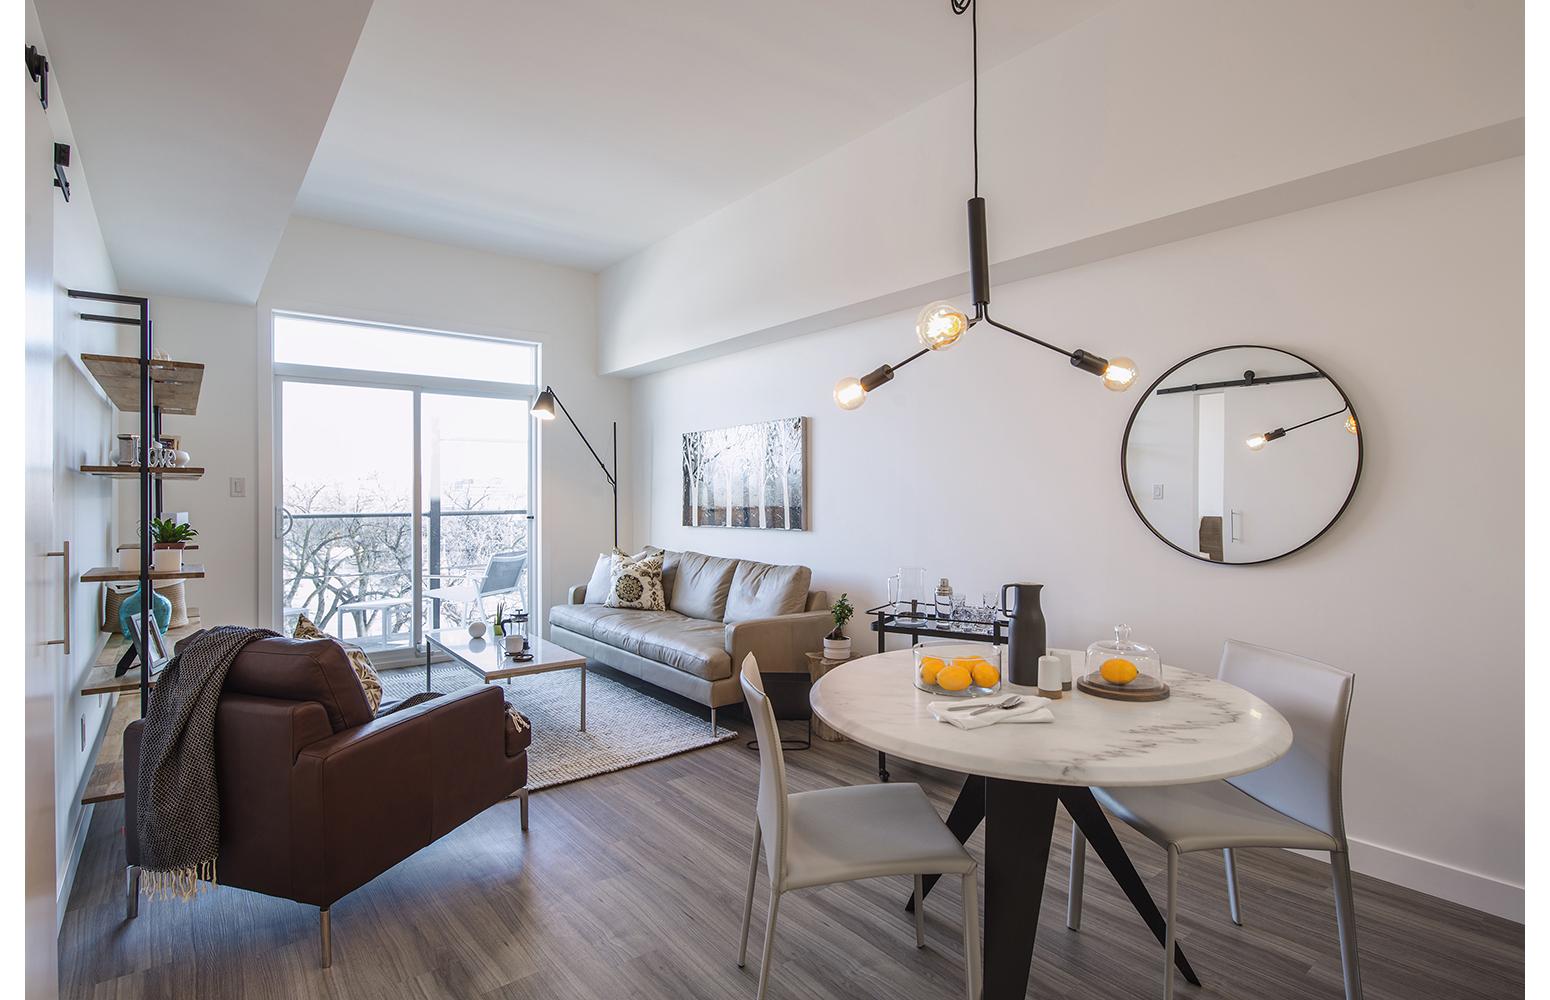 24Seven Condominium, interior photo of suite